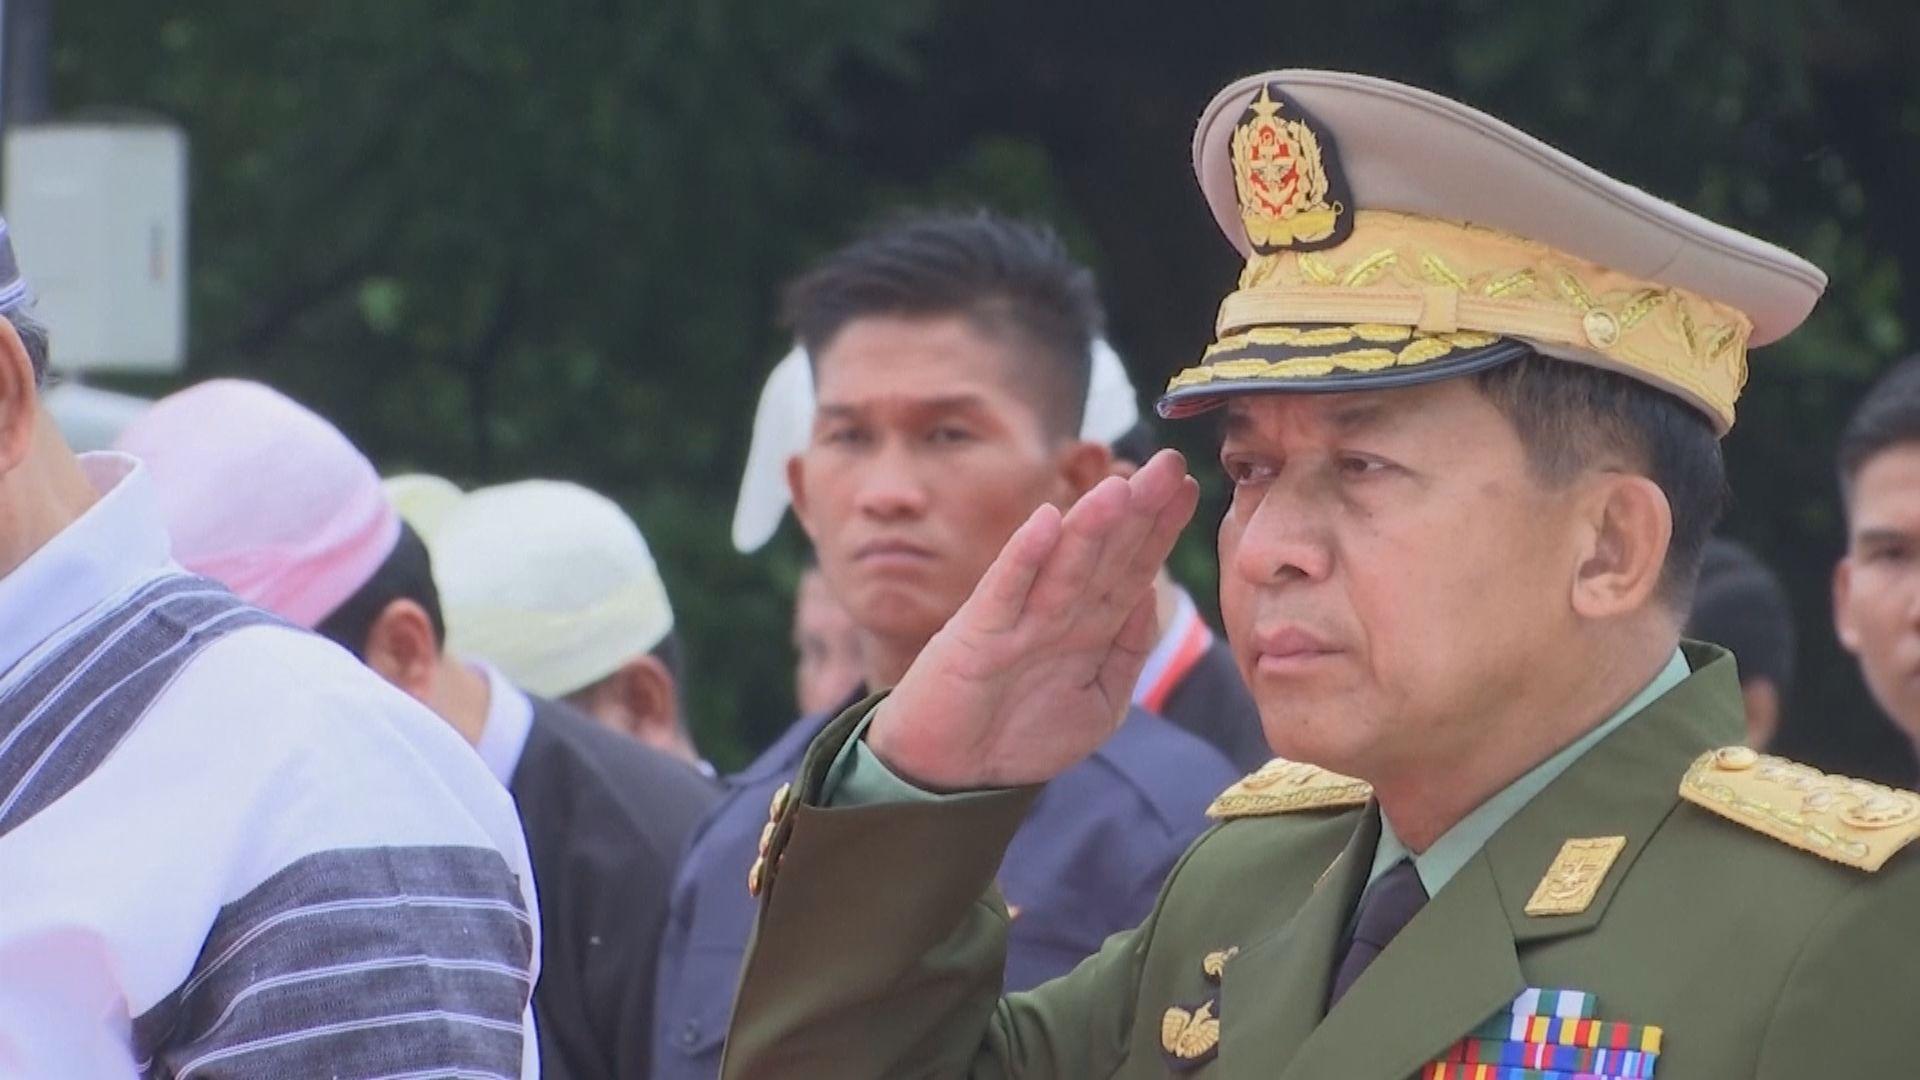 緬甸軍方拘押昂山素姬及接管政權 執政黨籲支持者依法行事